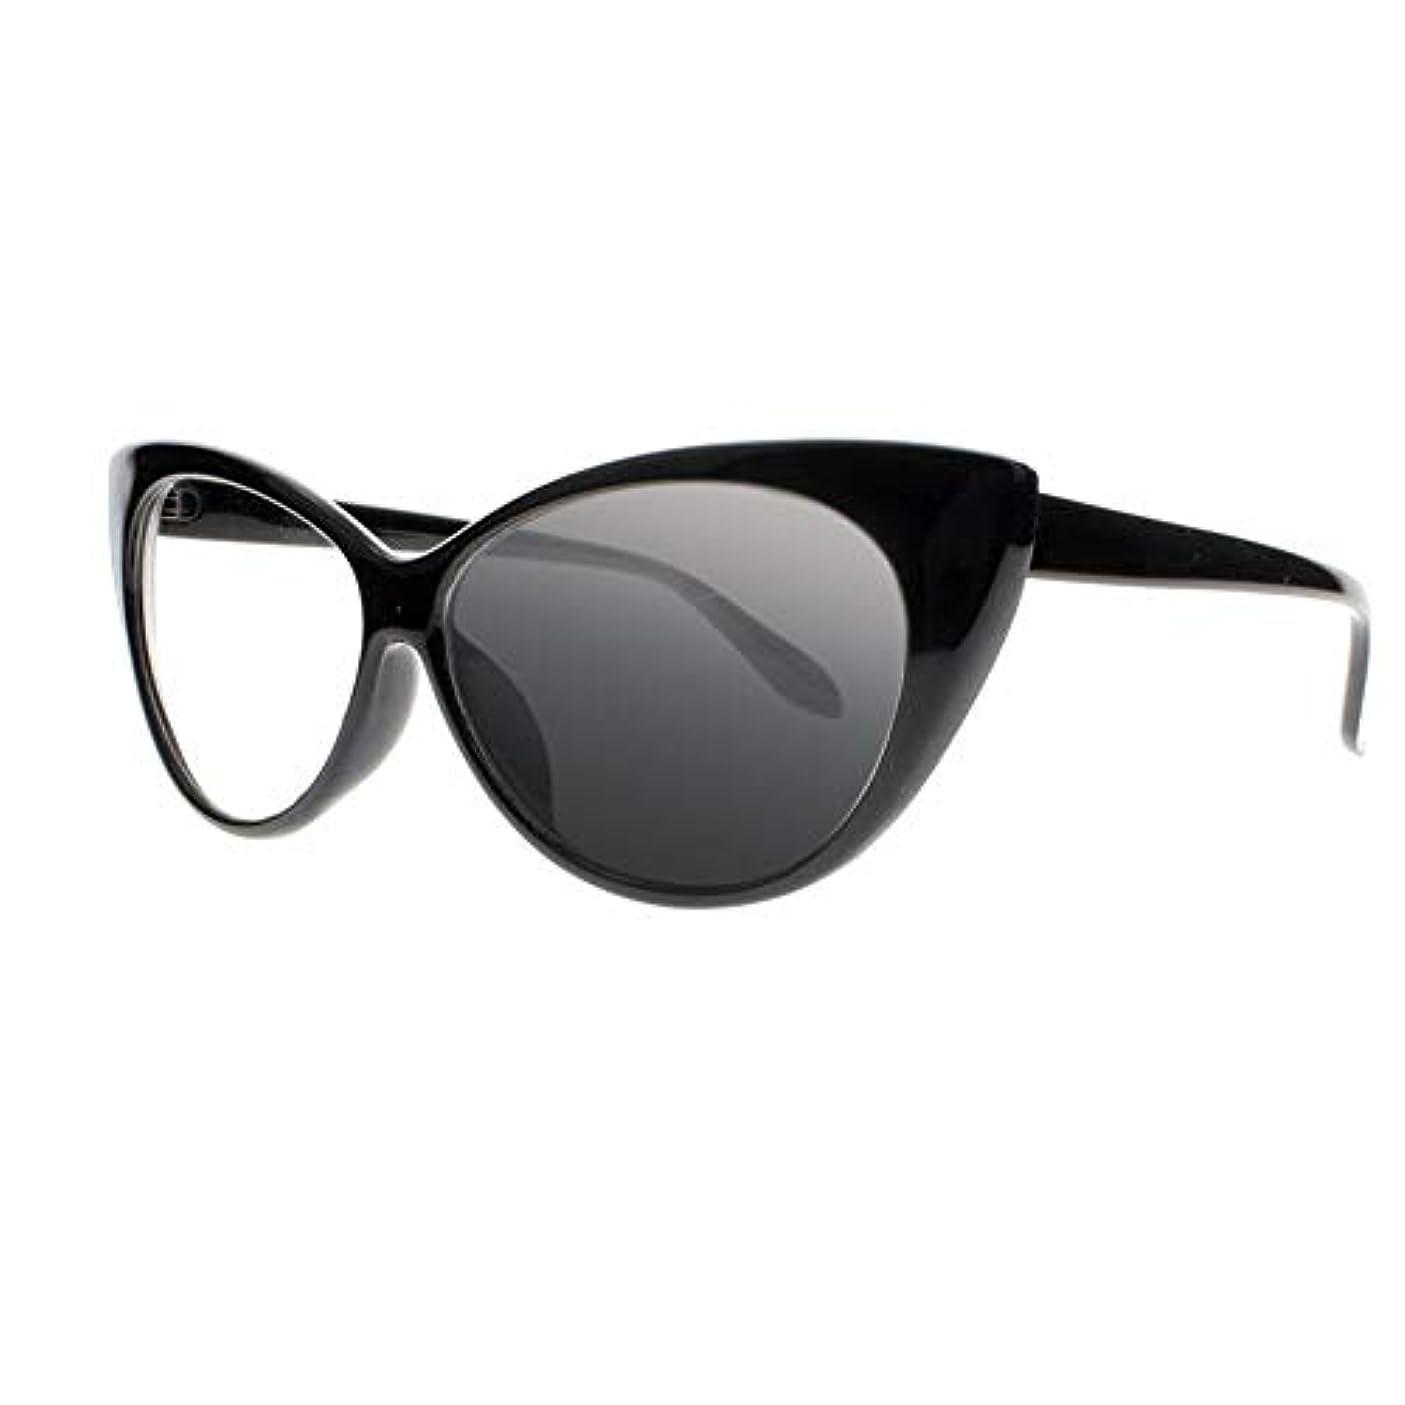 笑いへこみ世紀FidgetGear 女性トランジションフォトクロミックサングラスリーダー老眼鏡+1.0?+4.0新 ブラック